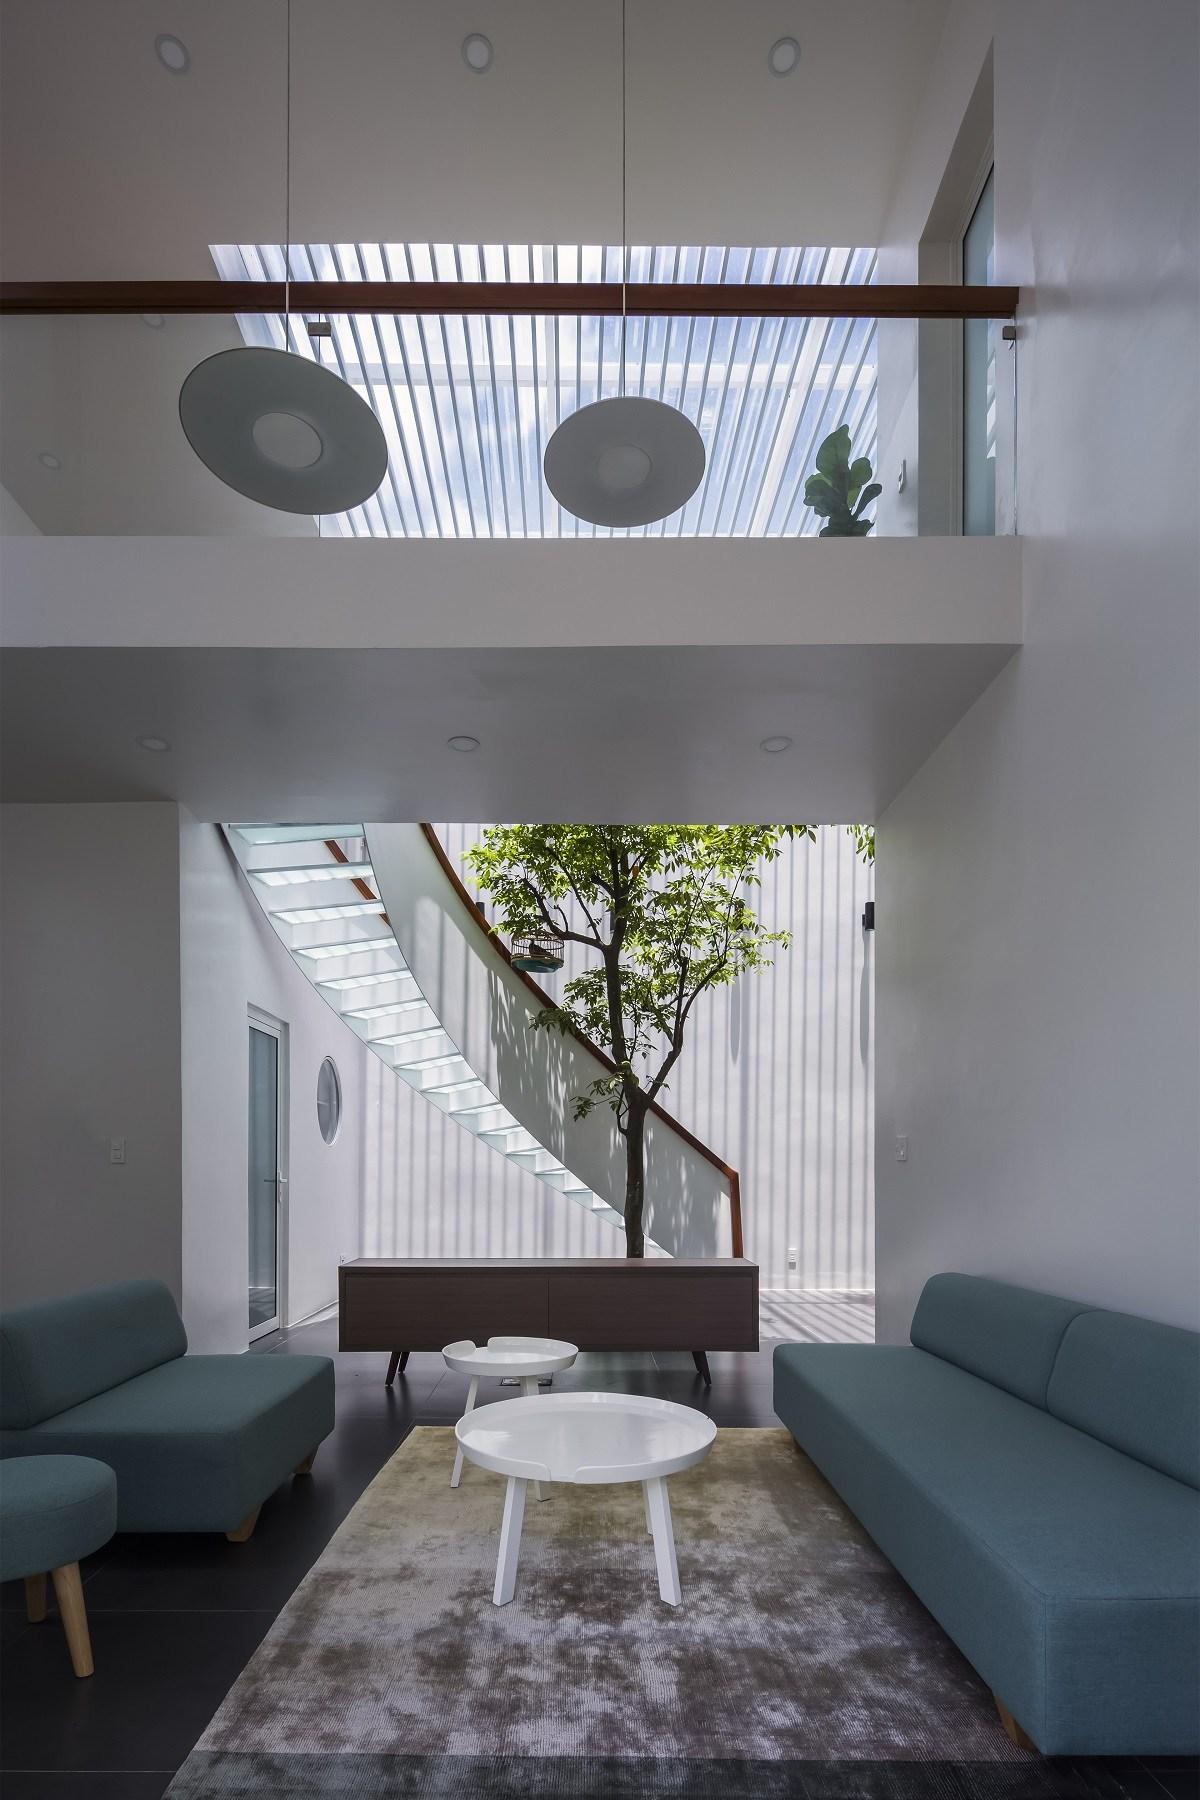 Phòng khách hiện đại tối giản của căn nhà được cắt xé táo bạo